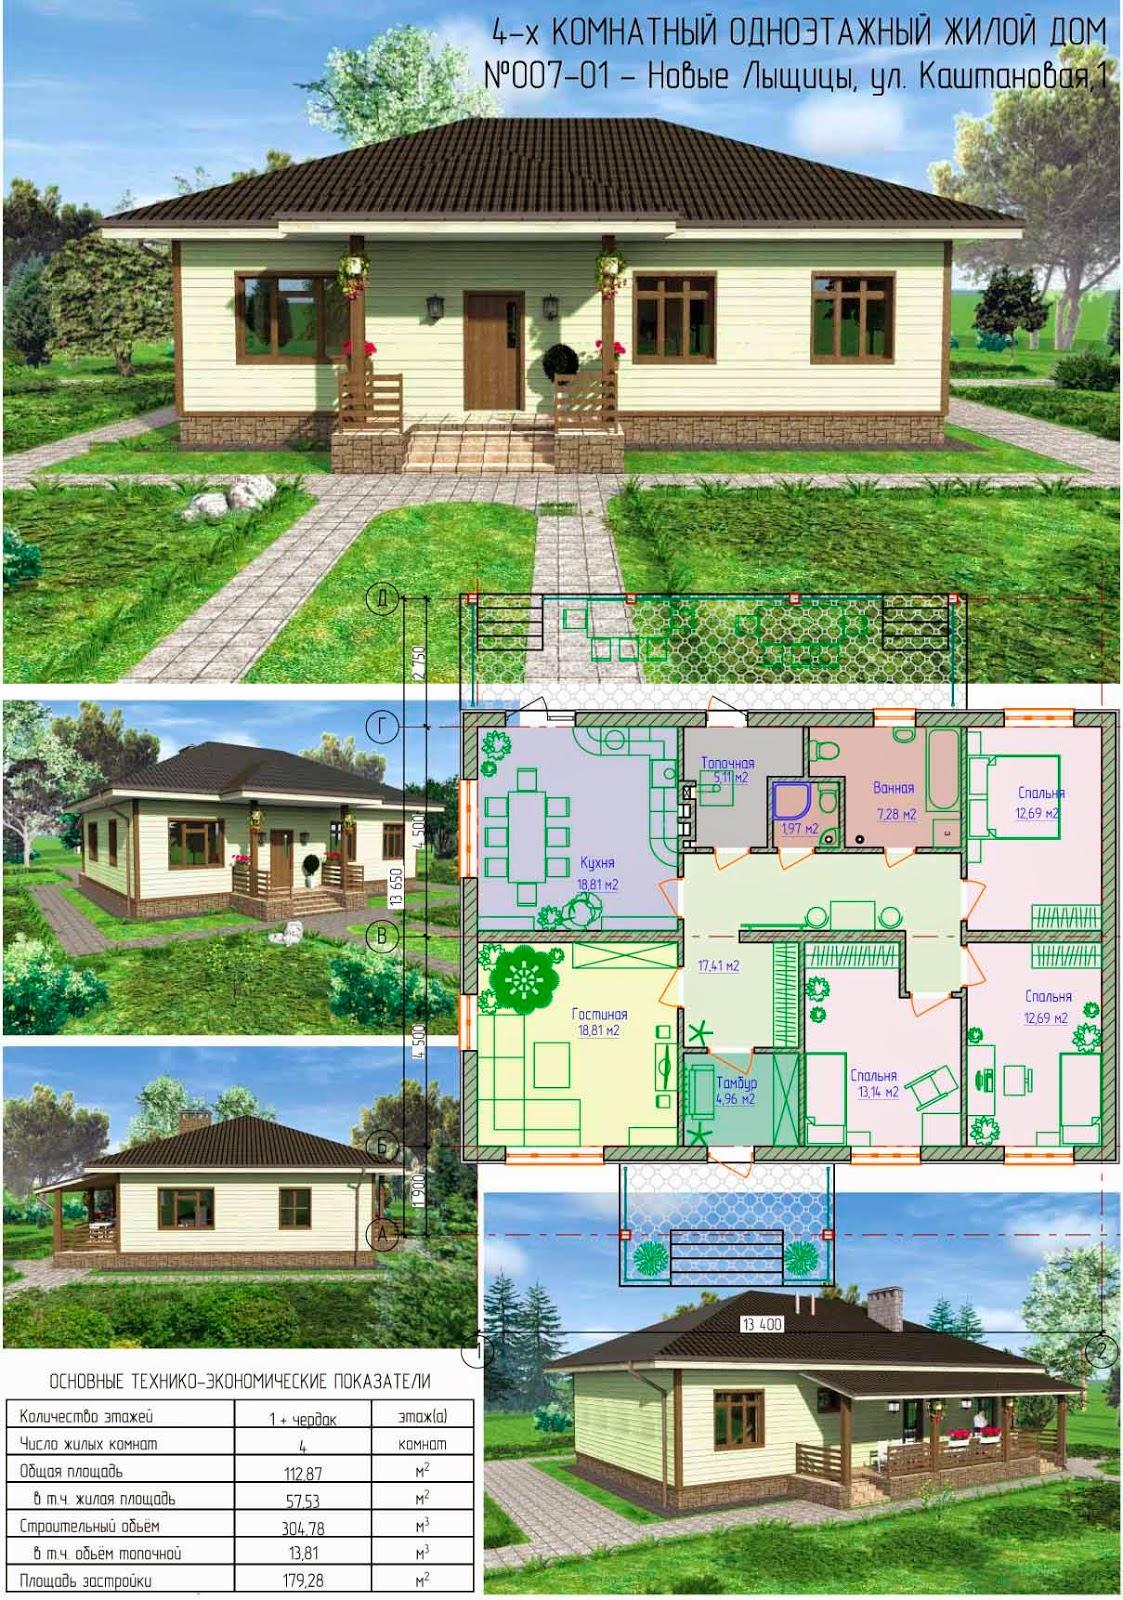 Фото и схемы одноэтажных домов